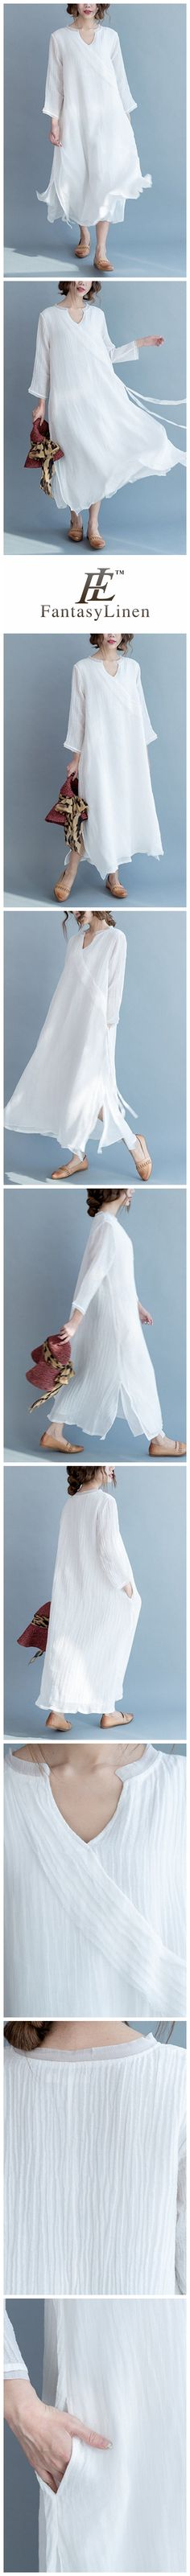 White Silk Linen Long Summer Dresses V-Neck Women Clothing Q3111  Q3111White